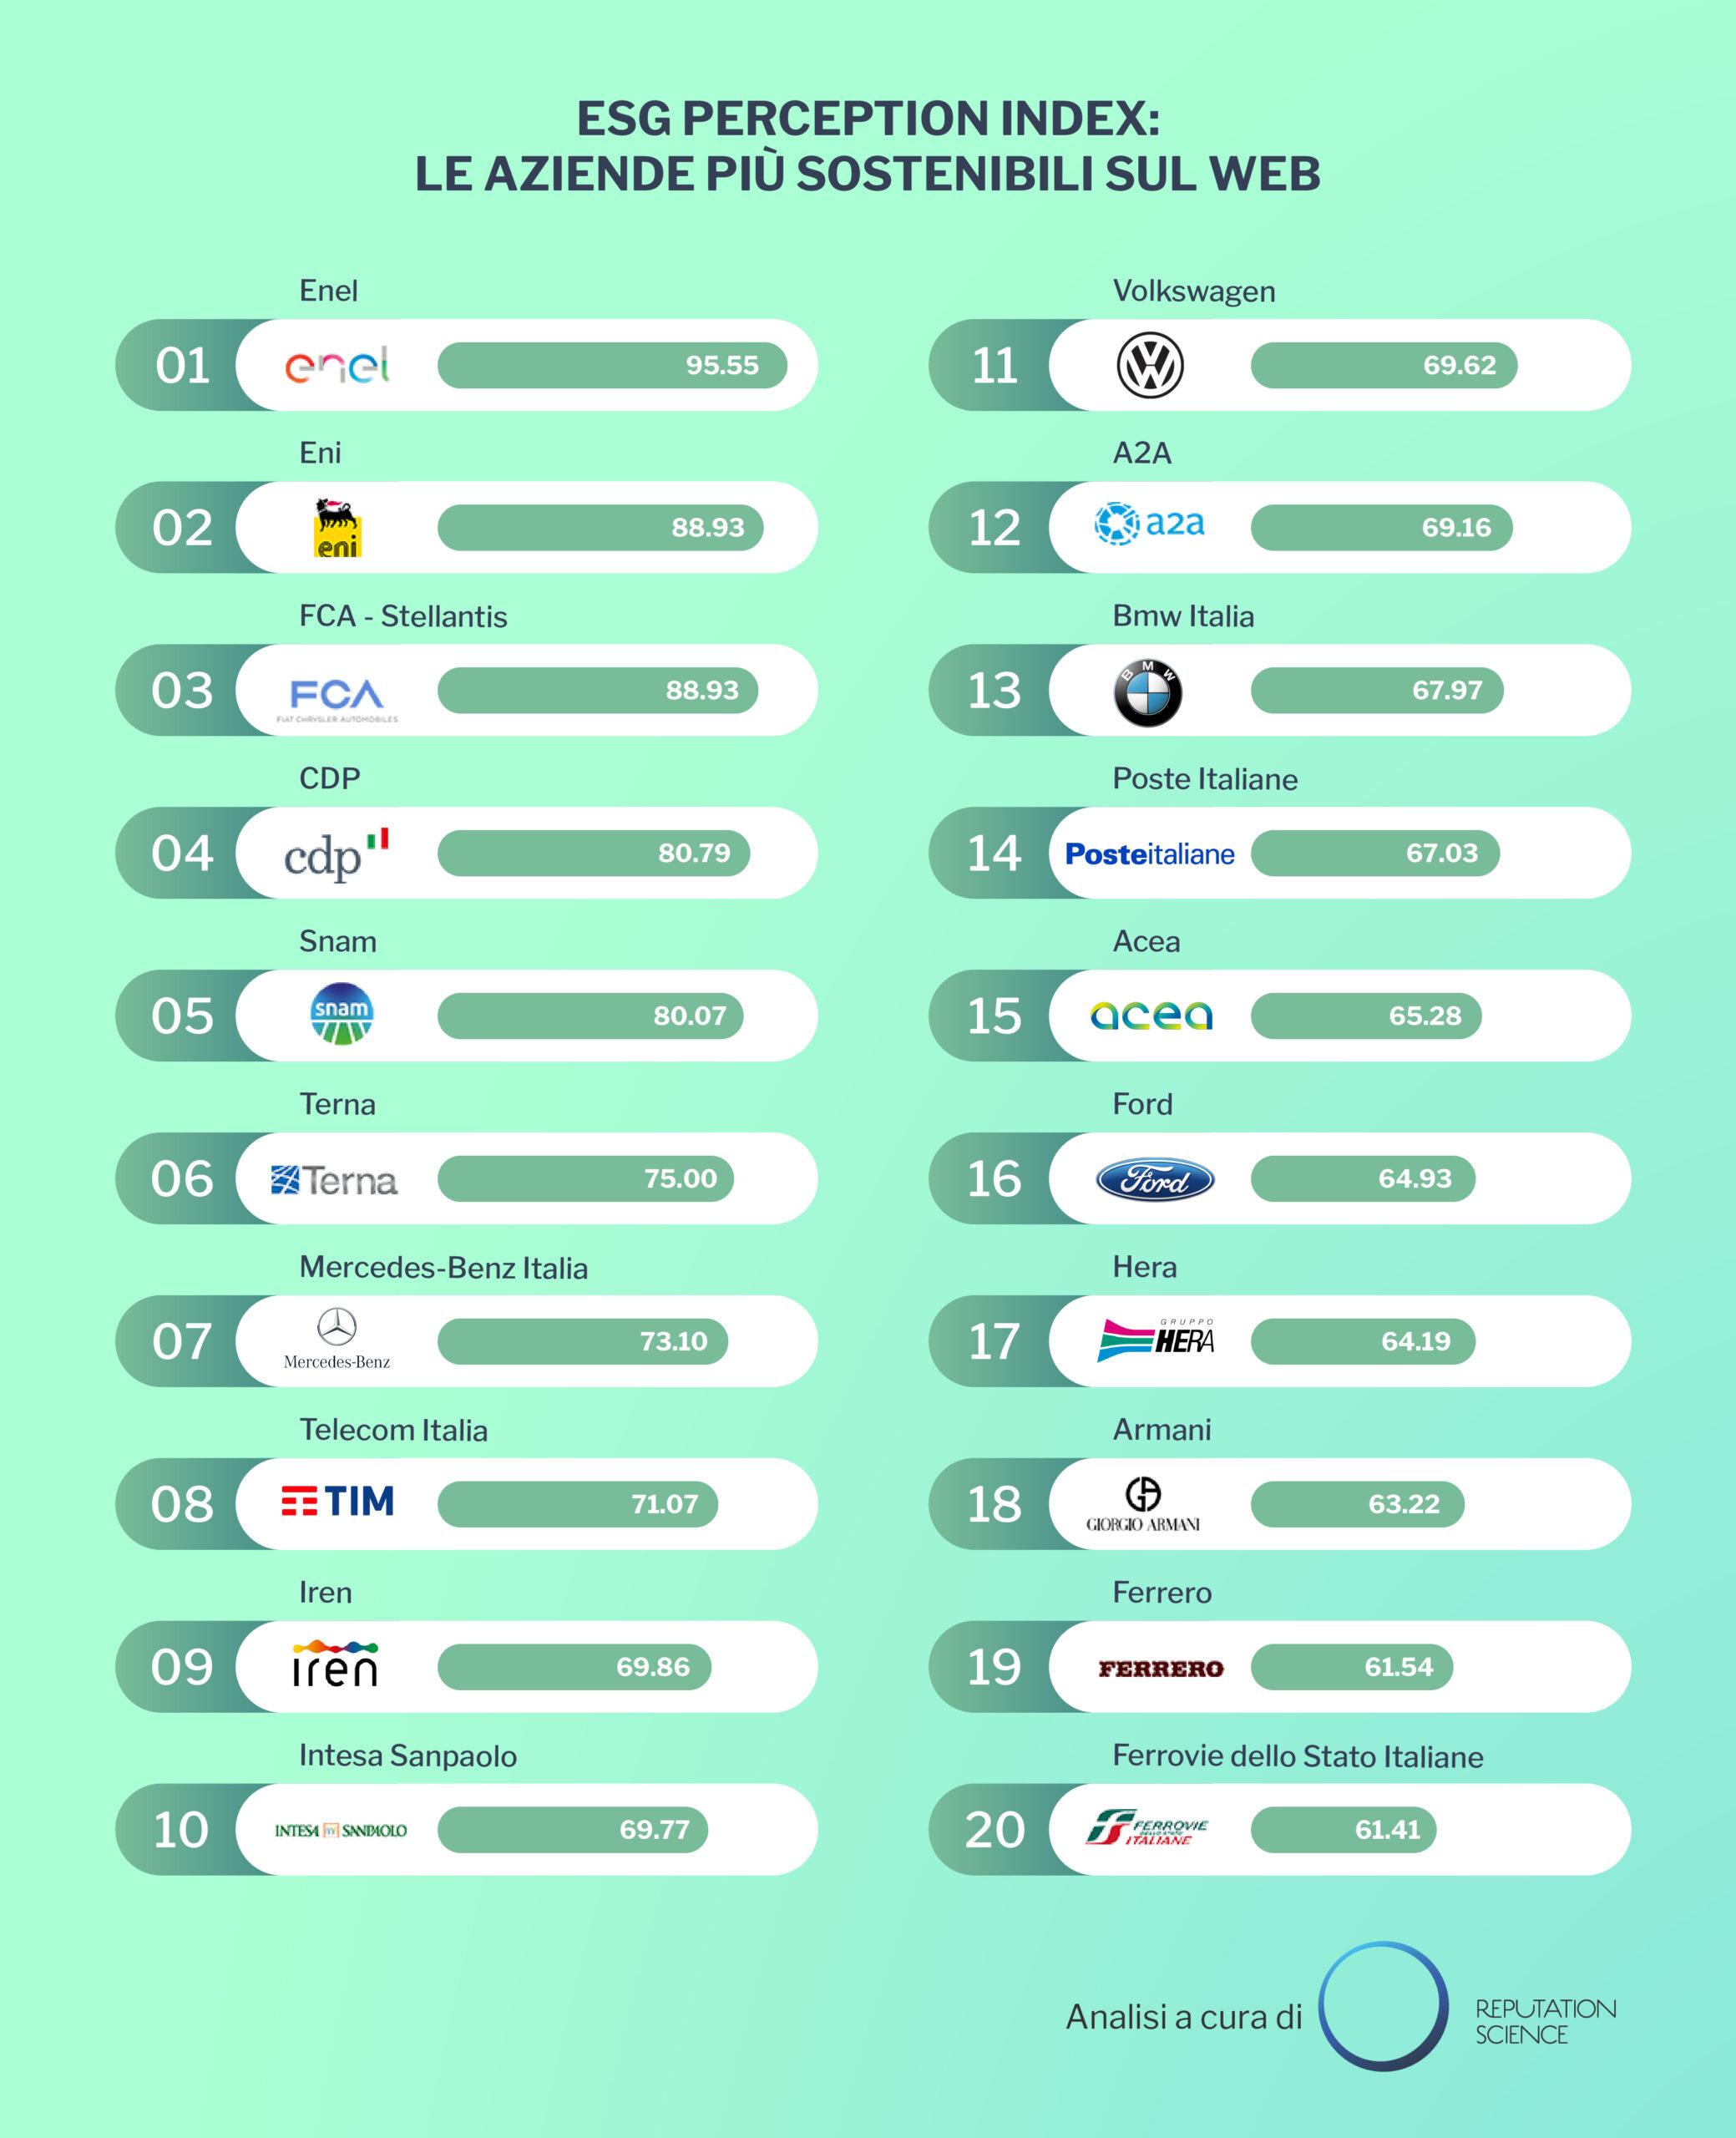 ESG PERCEPTION INDEX: Enel, Eni e Stellantis sul podio delle aziende più sostenibili sul web